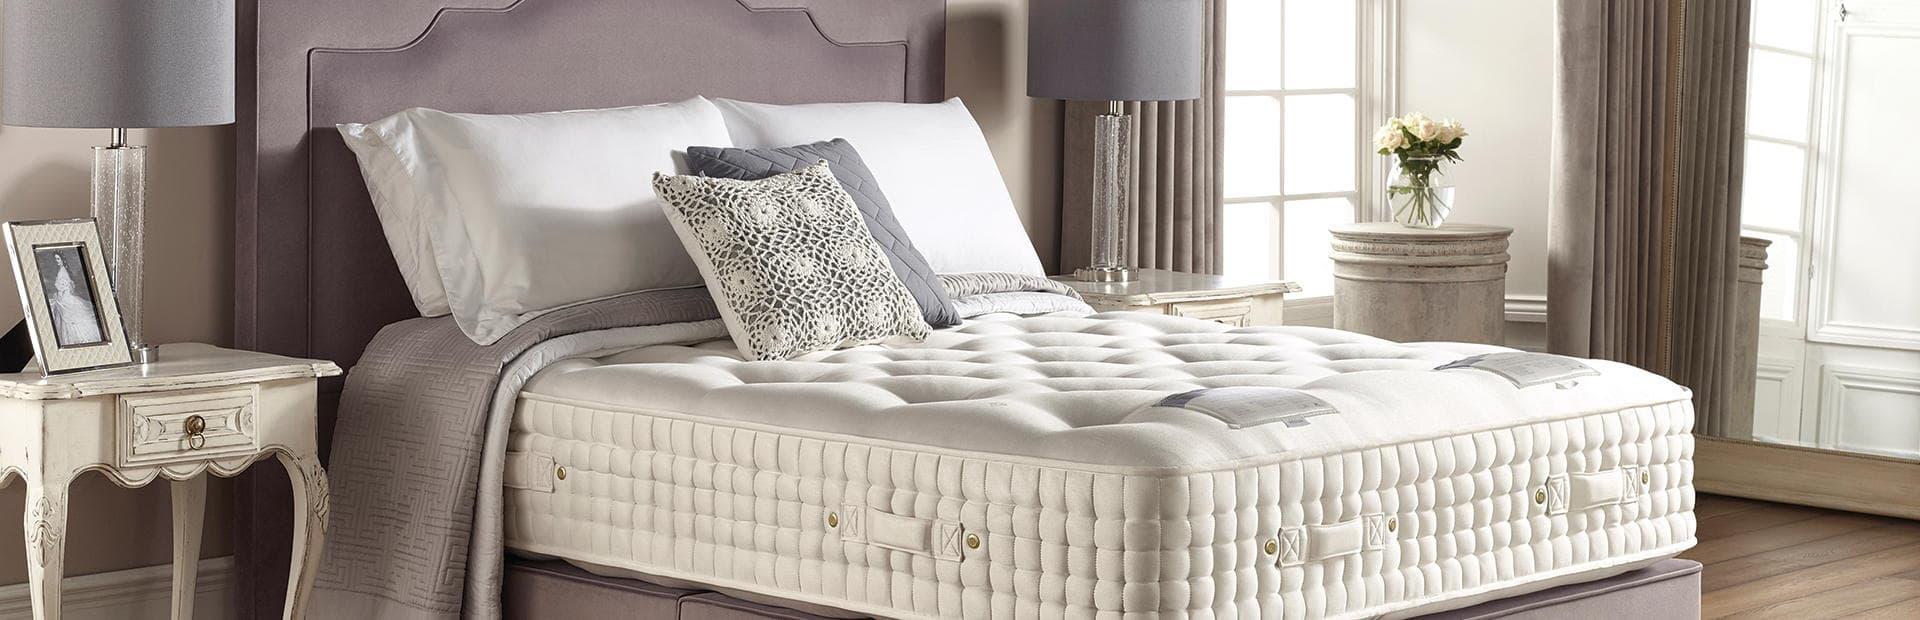 vineland mattress watch youtube matters nj